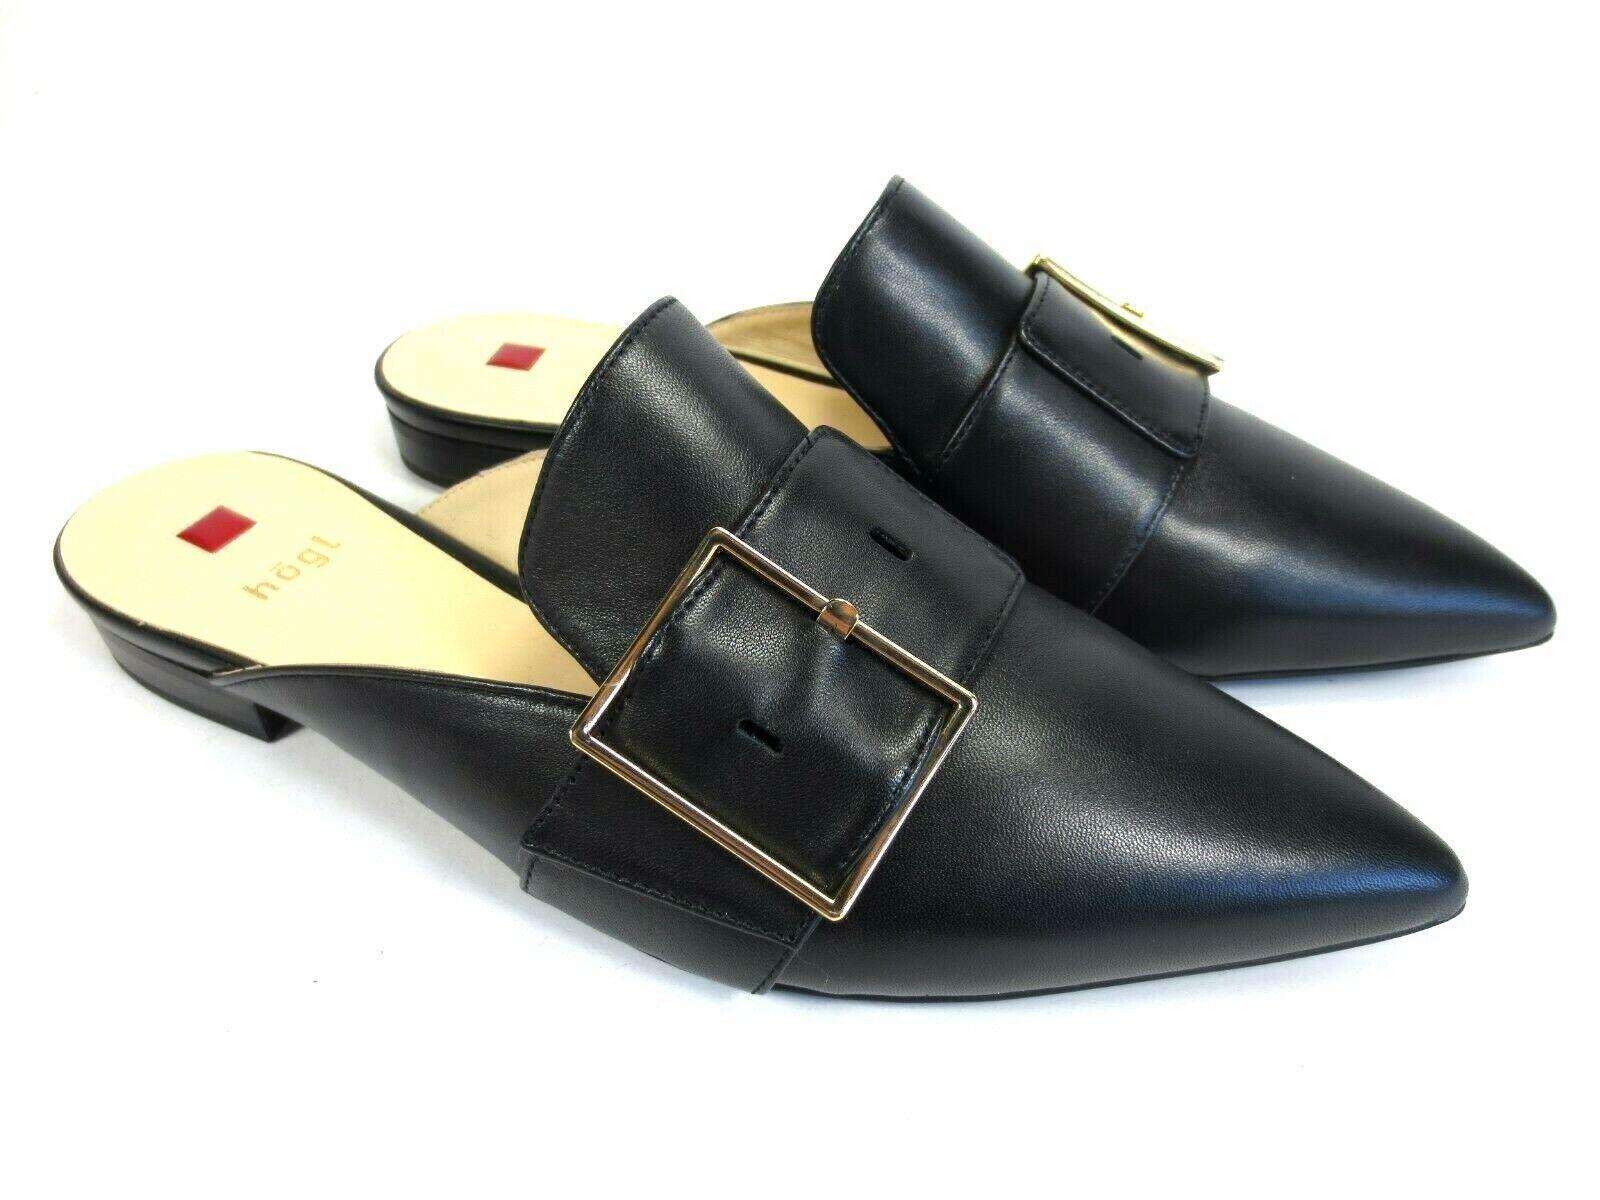 per il tuo stile di gioco ai prezzi più bassi Högl Scarpe in pelle sabots Mules zoccoli zoccoli zoccoli nero NUOVO UVP 129,95  80% di sconto